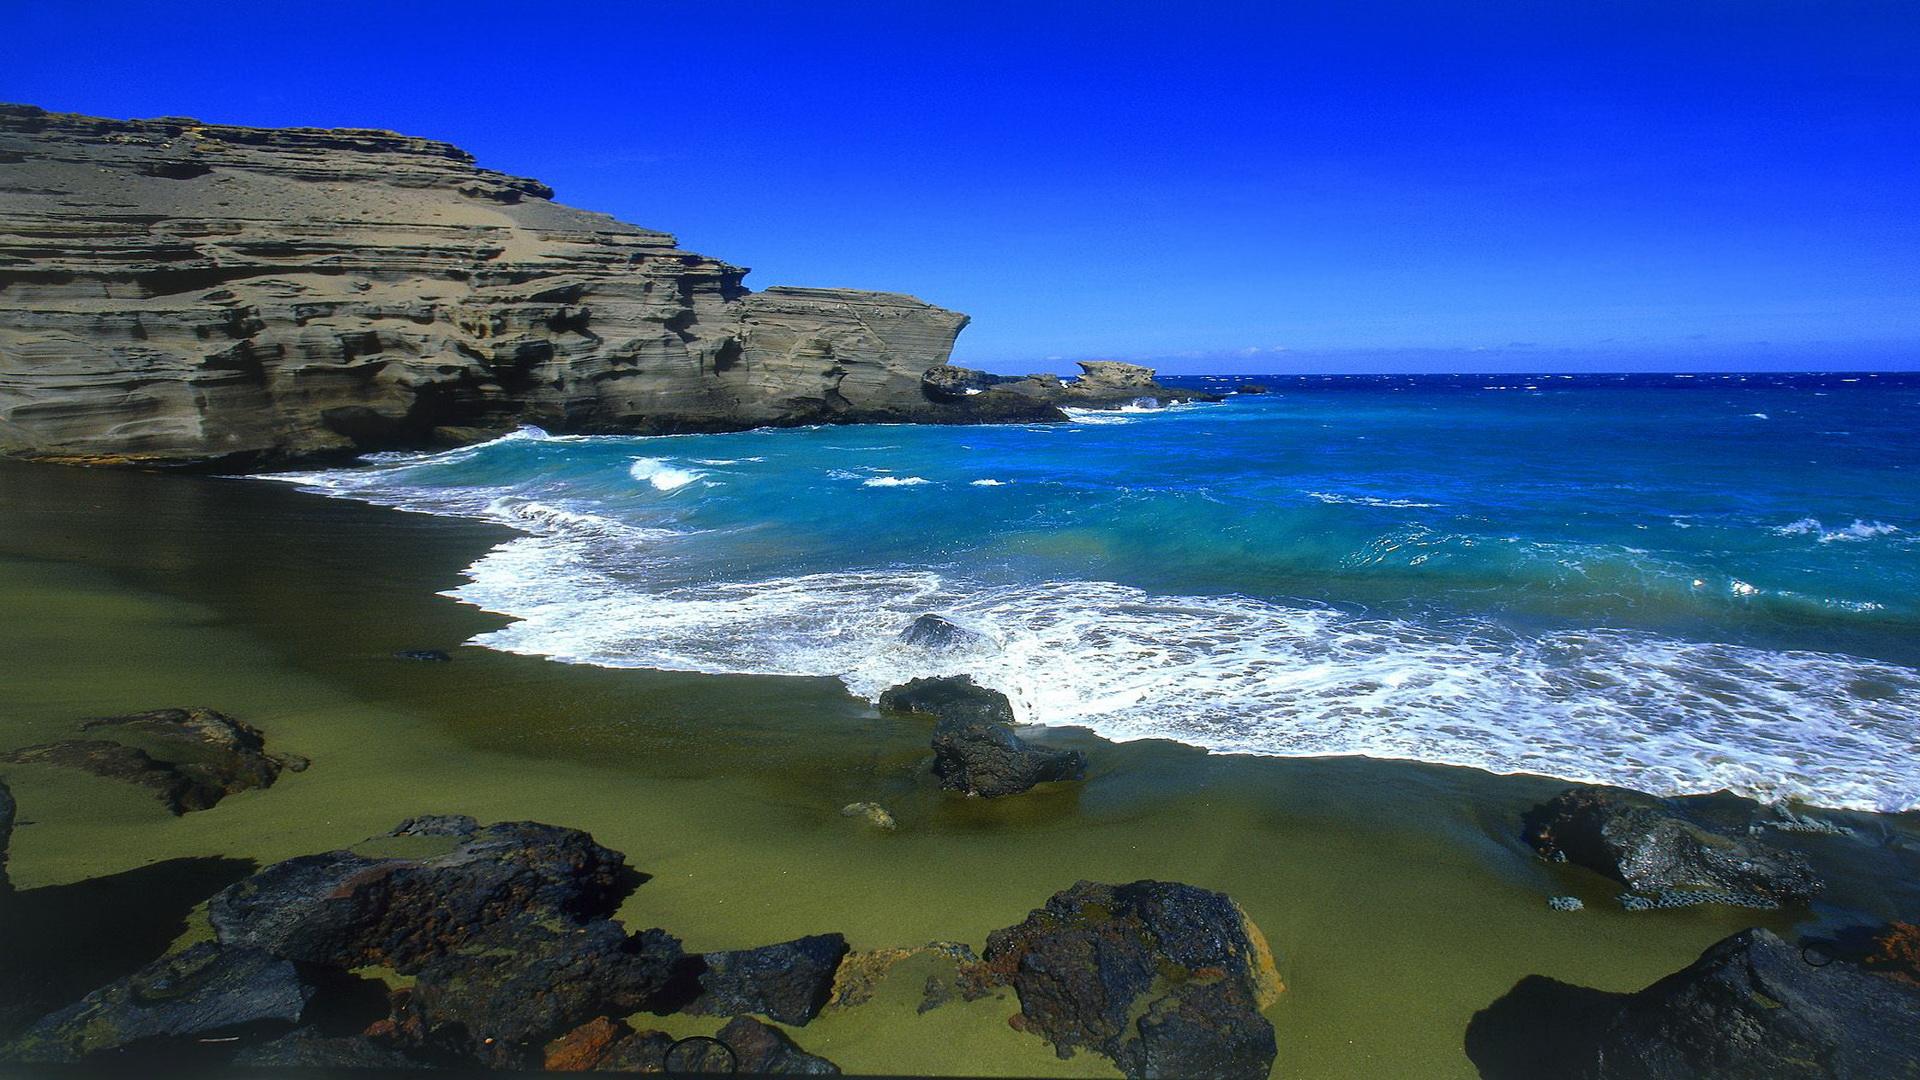 Hawaii Island Wallpaper on Hawaiian Green Sea Turtle